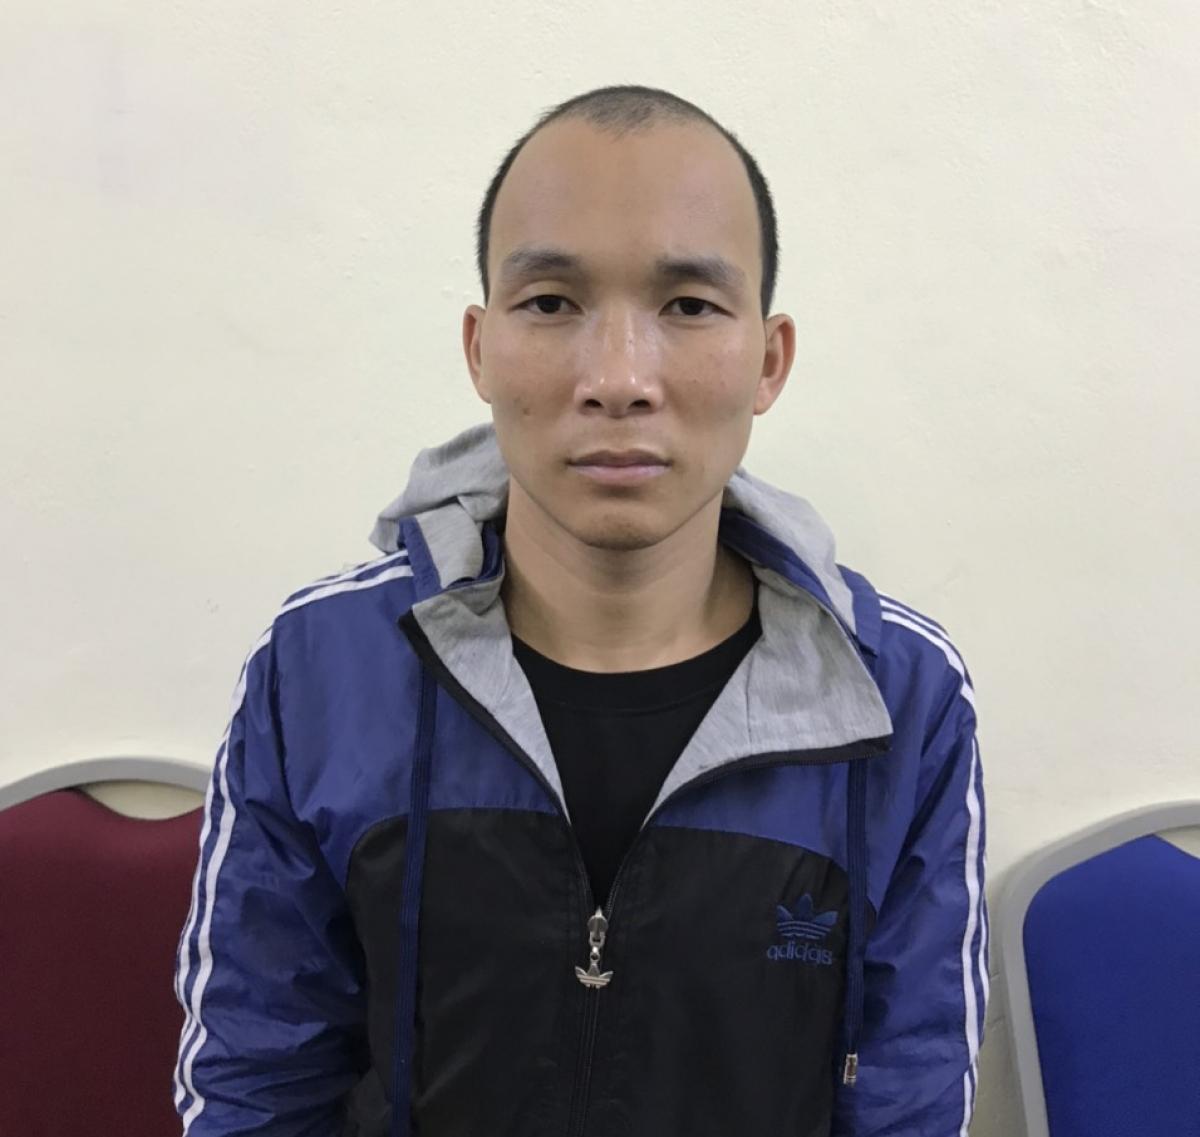 Đối tượng Lê Văn Phúc tại cơ quan điều tra. (Ảnh: Công an Quảng Ninh).